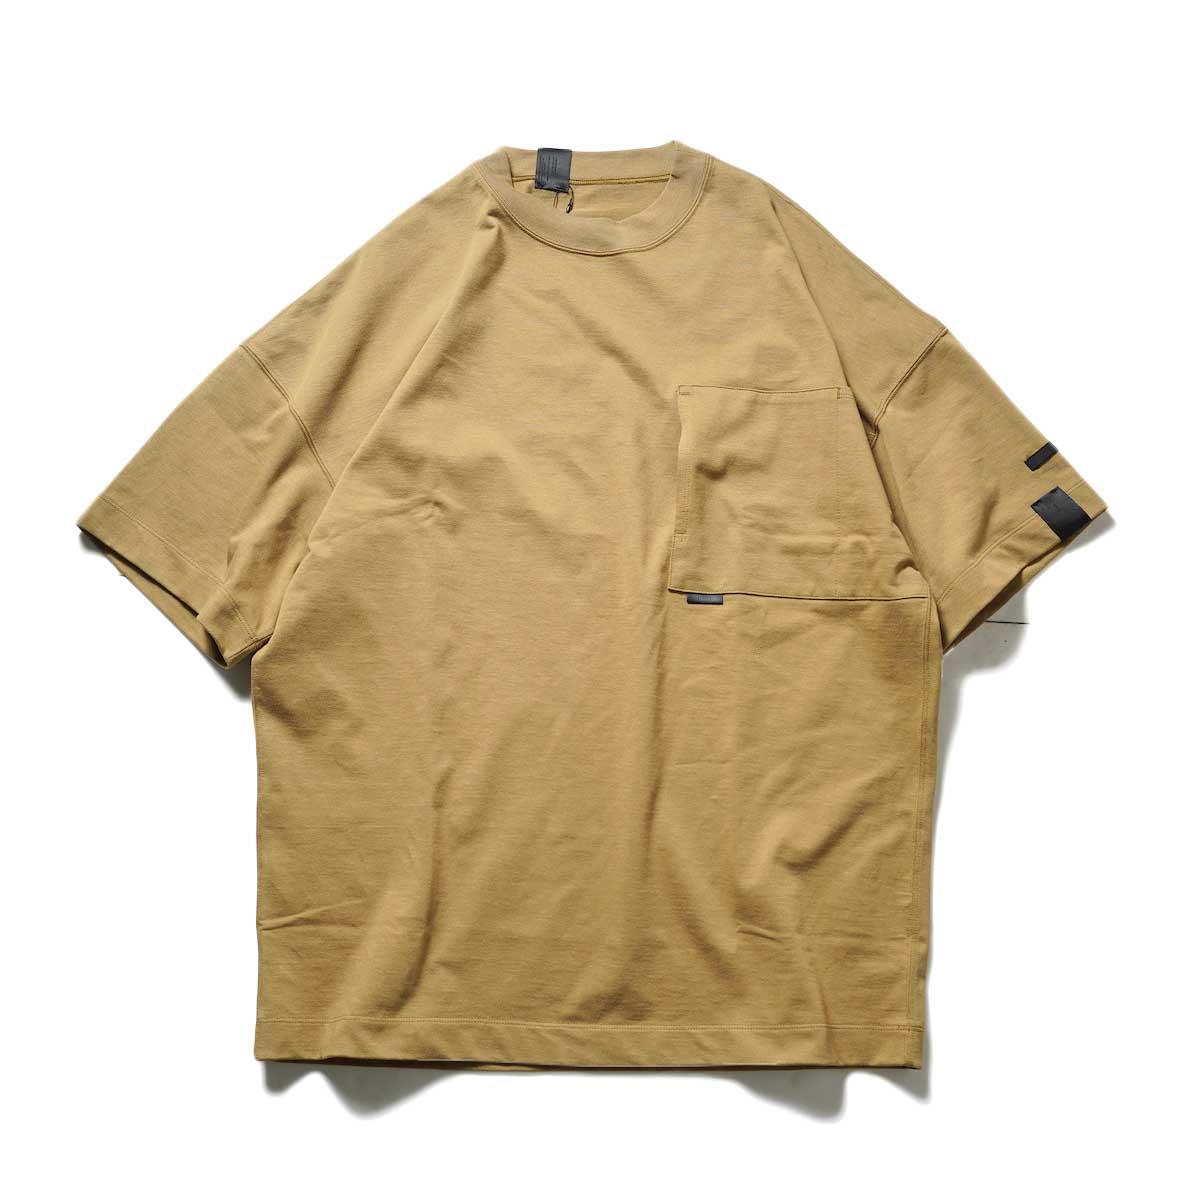 N.HOOLYWOOD / 2212-CS07-018 BIG T-Shirt (Beige)